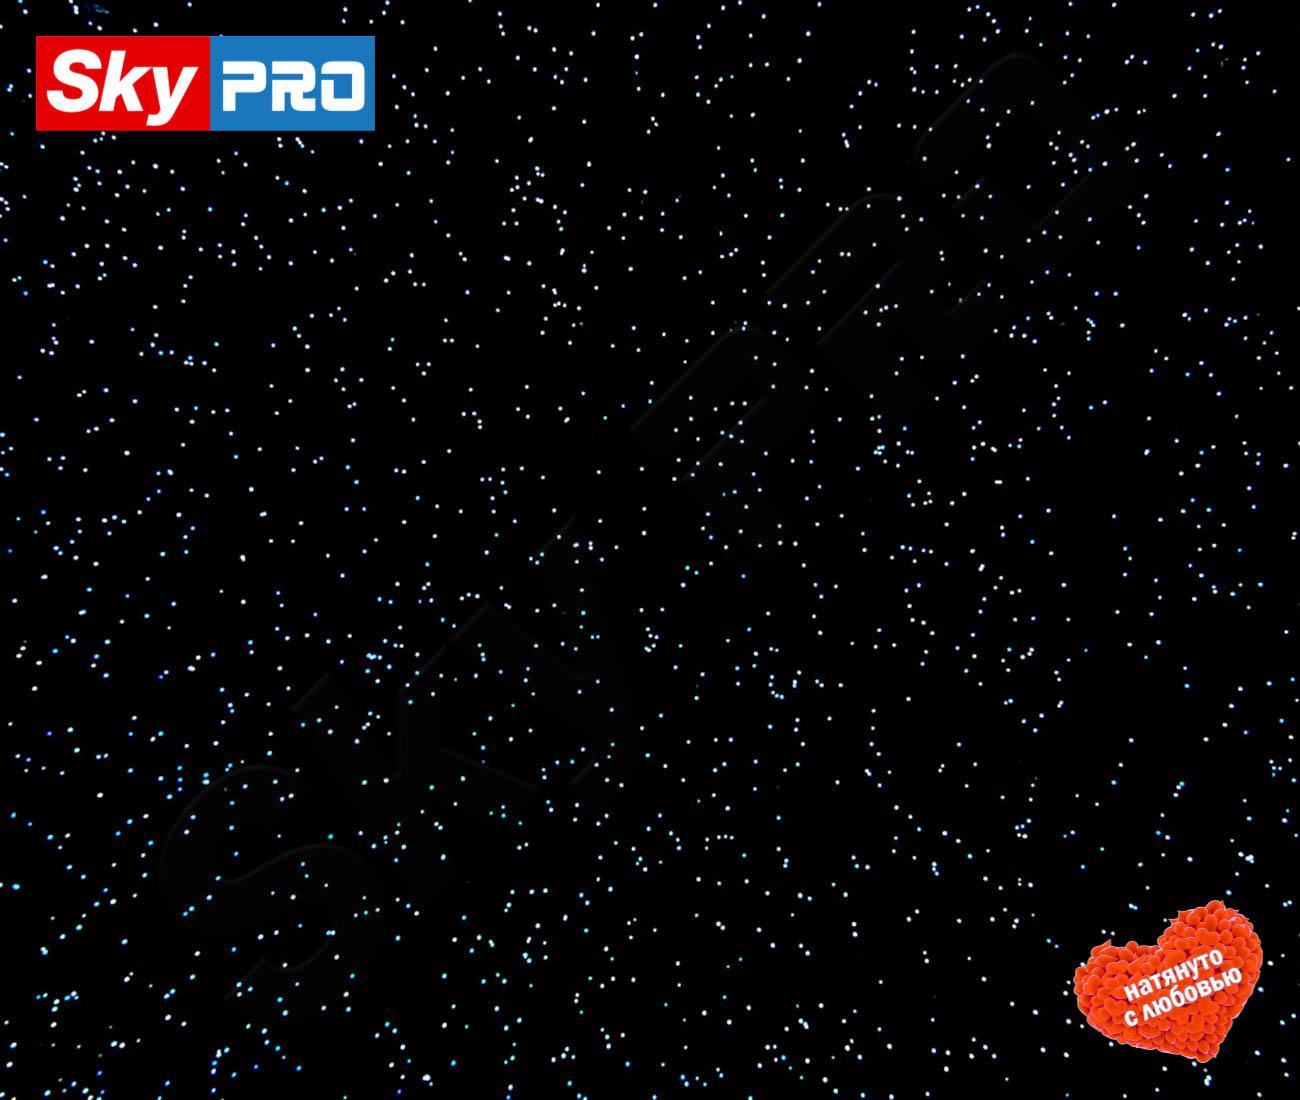 Натяжной потолок Чёрная галактика цена за метр в квадрате